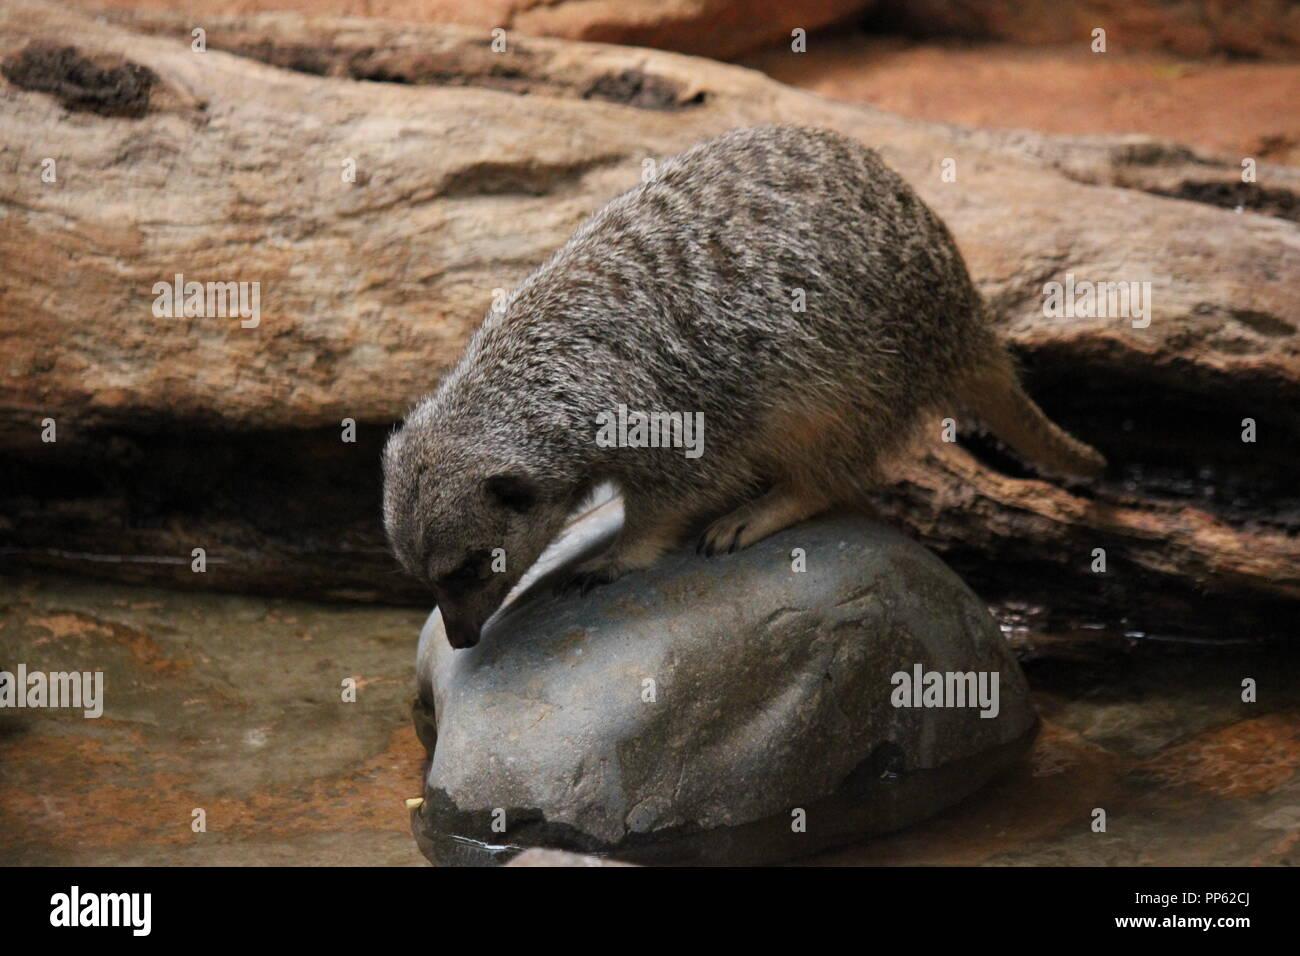 El Lincoln Park Zoo, Suricata suricatta suricata o, S. suricatta , jugando alrededor del agua y sentado sobre una roca en Chicago, Illinois. Imagen De Stock